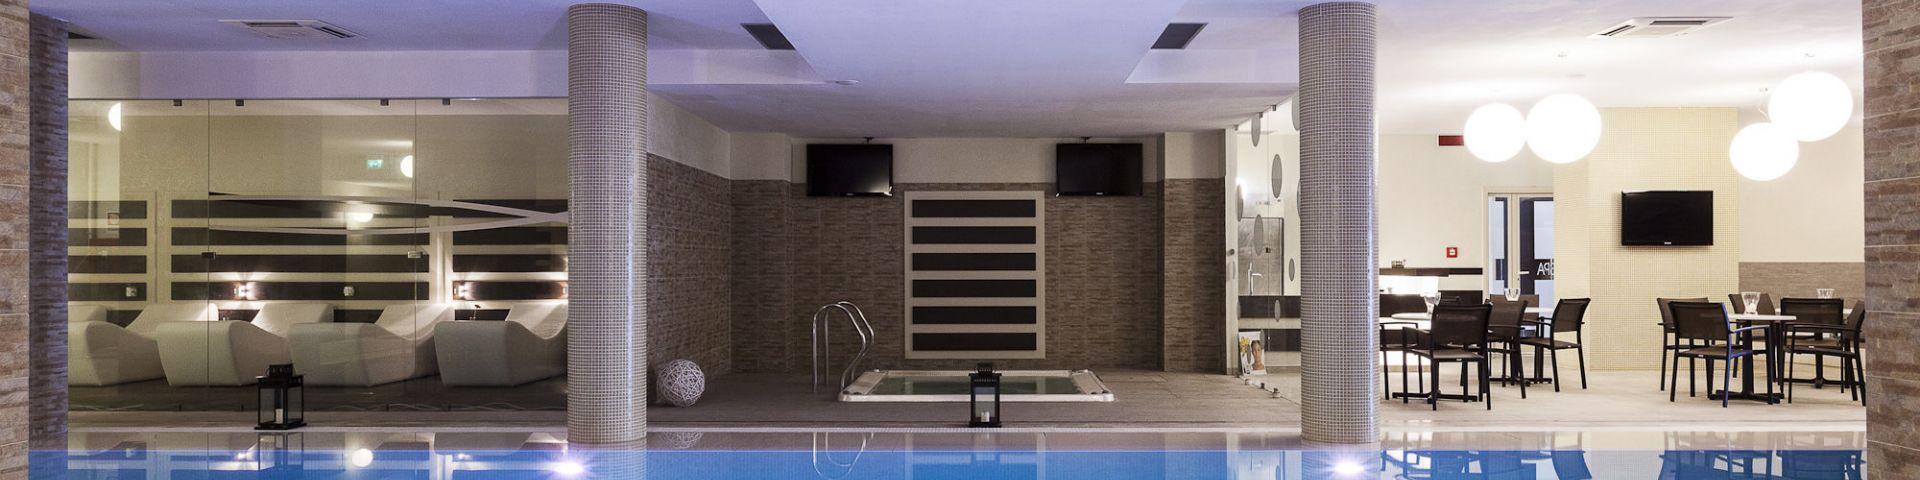 realizzazione alberghi, resort, residence